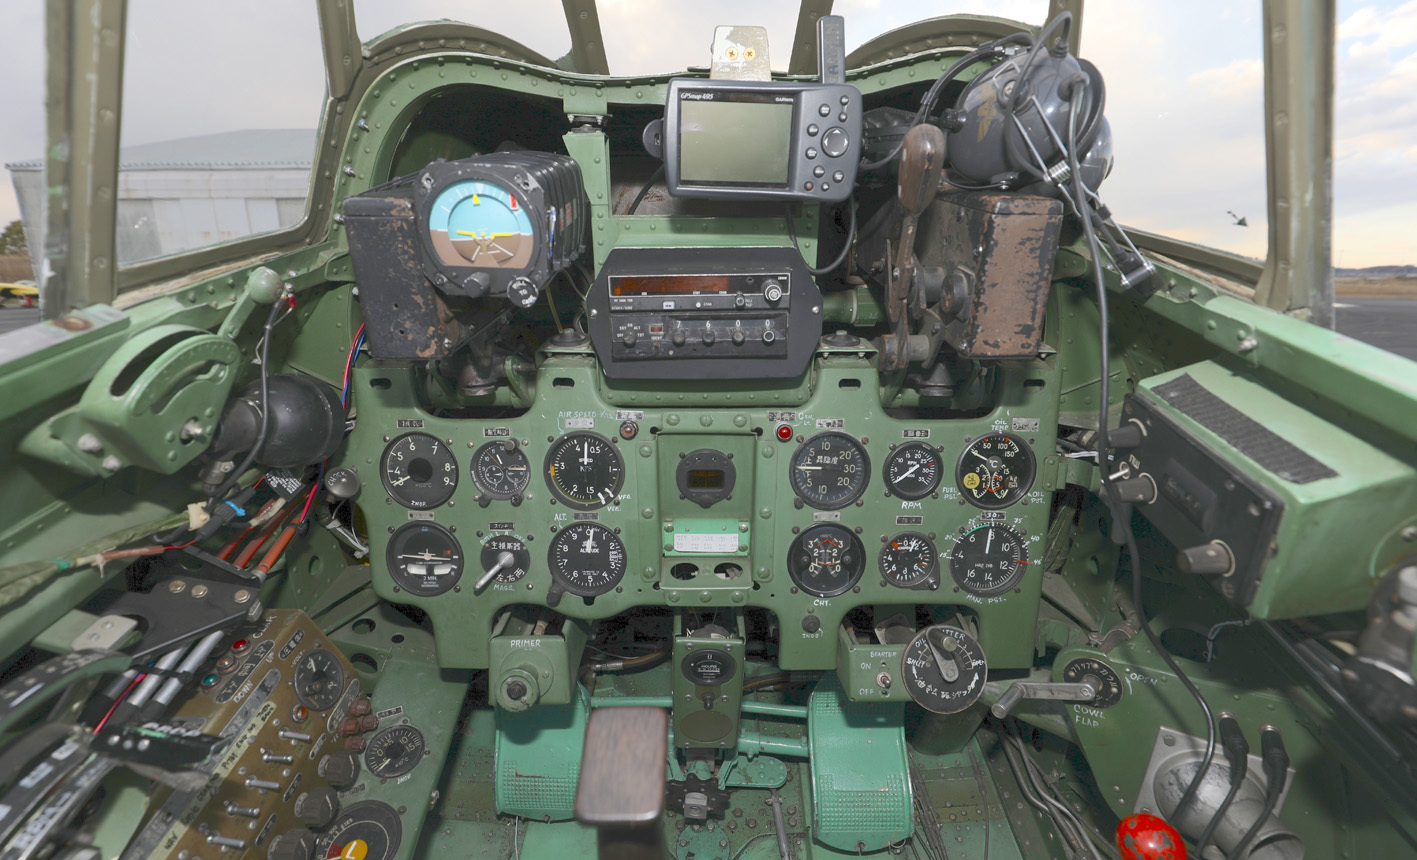 零戦22型の計器盤。離昇出力1130馬力、最高速度540㎞/h、航続距離は2560㎞。オリジナルは栄二一型だが損傷が激しく同時期の米国P&W製R-1830ツインワスプエンジンに換装している